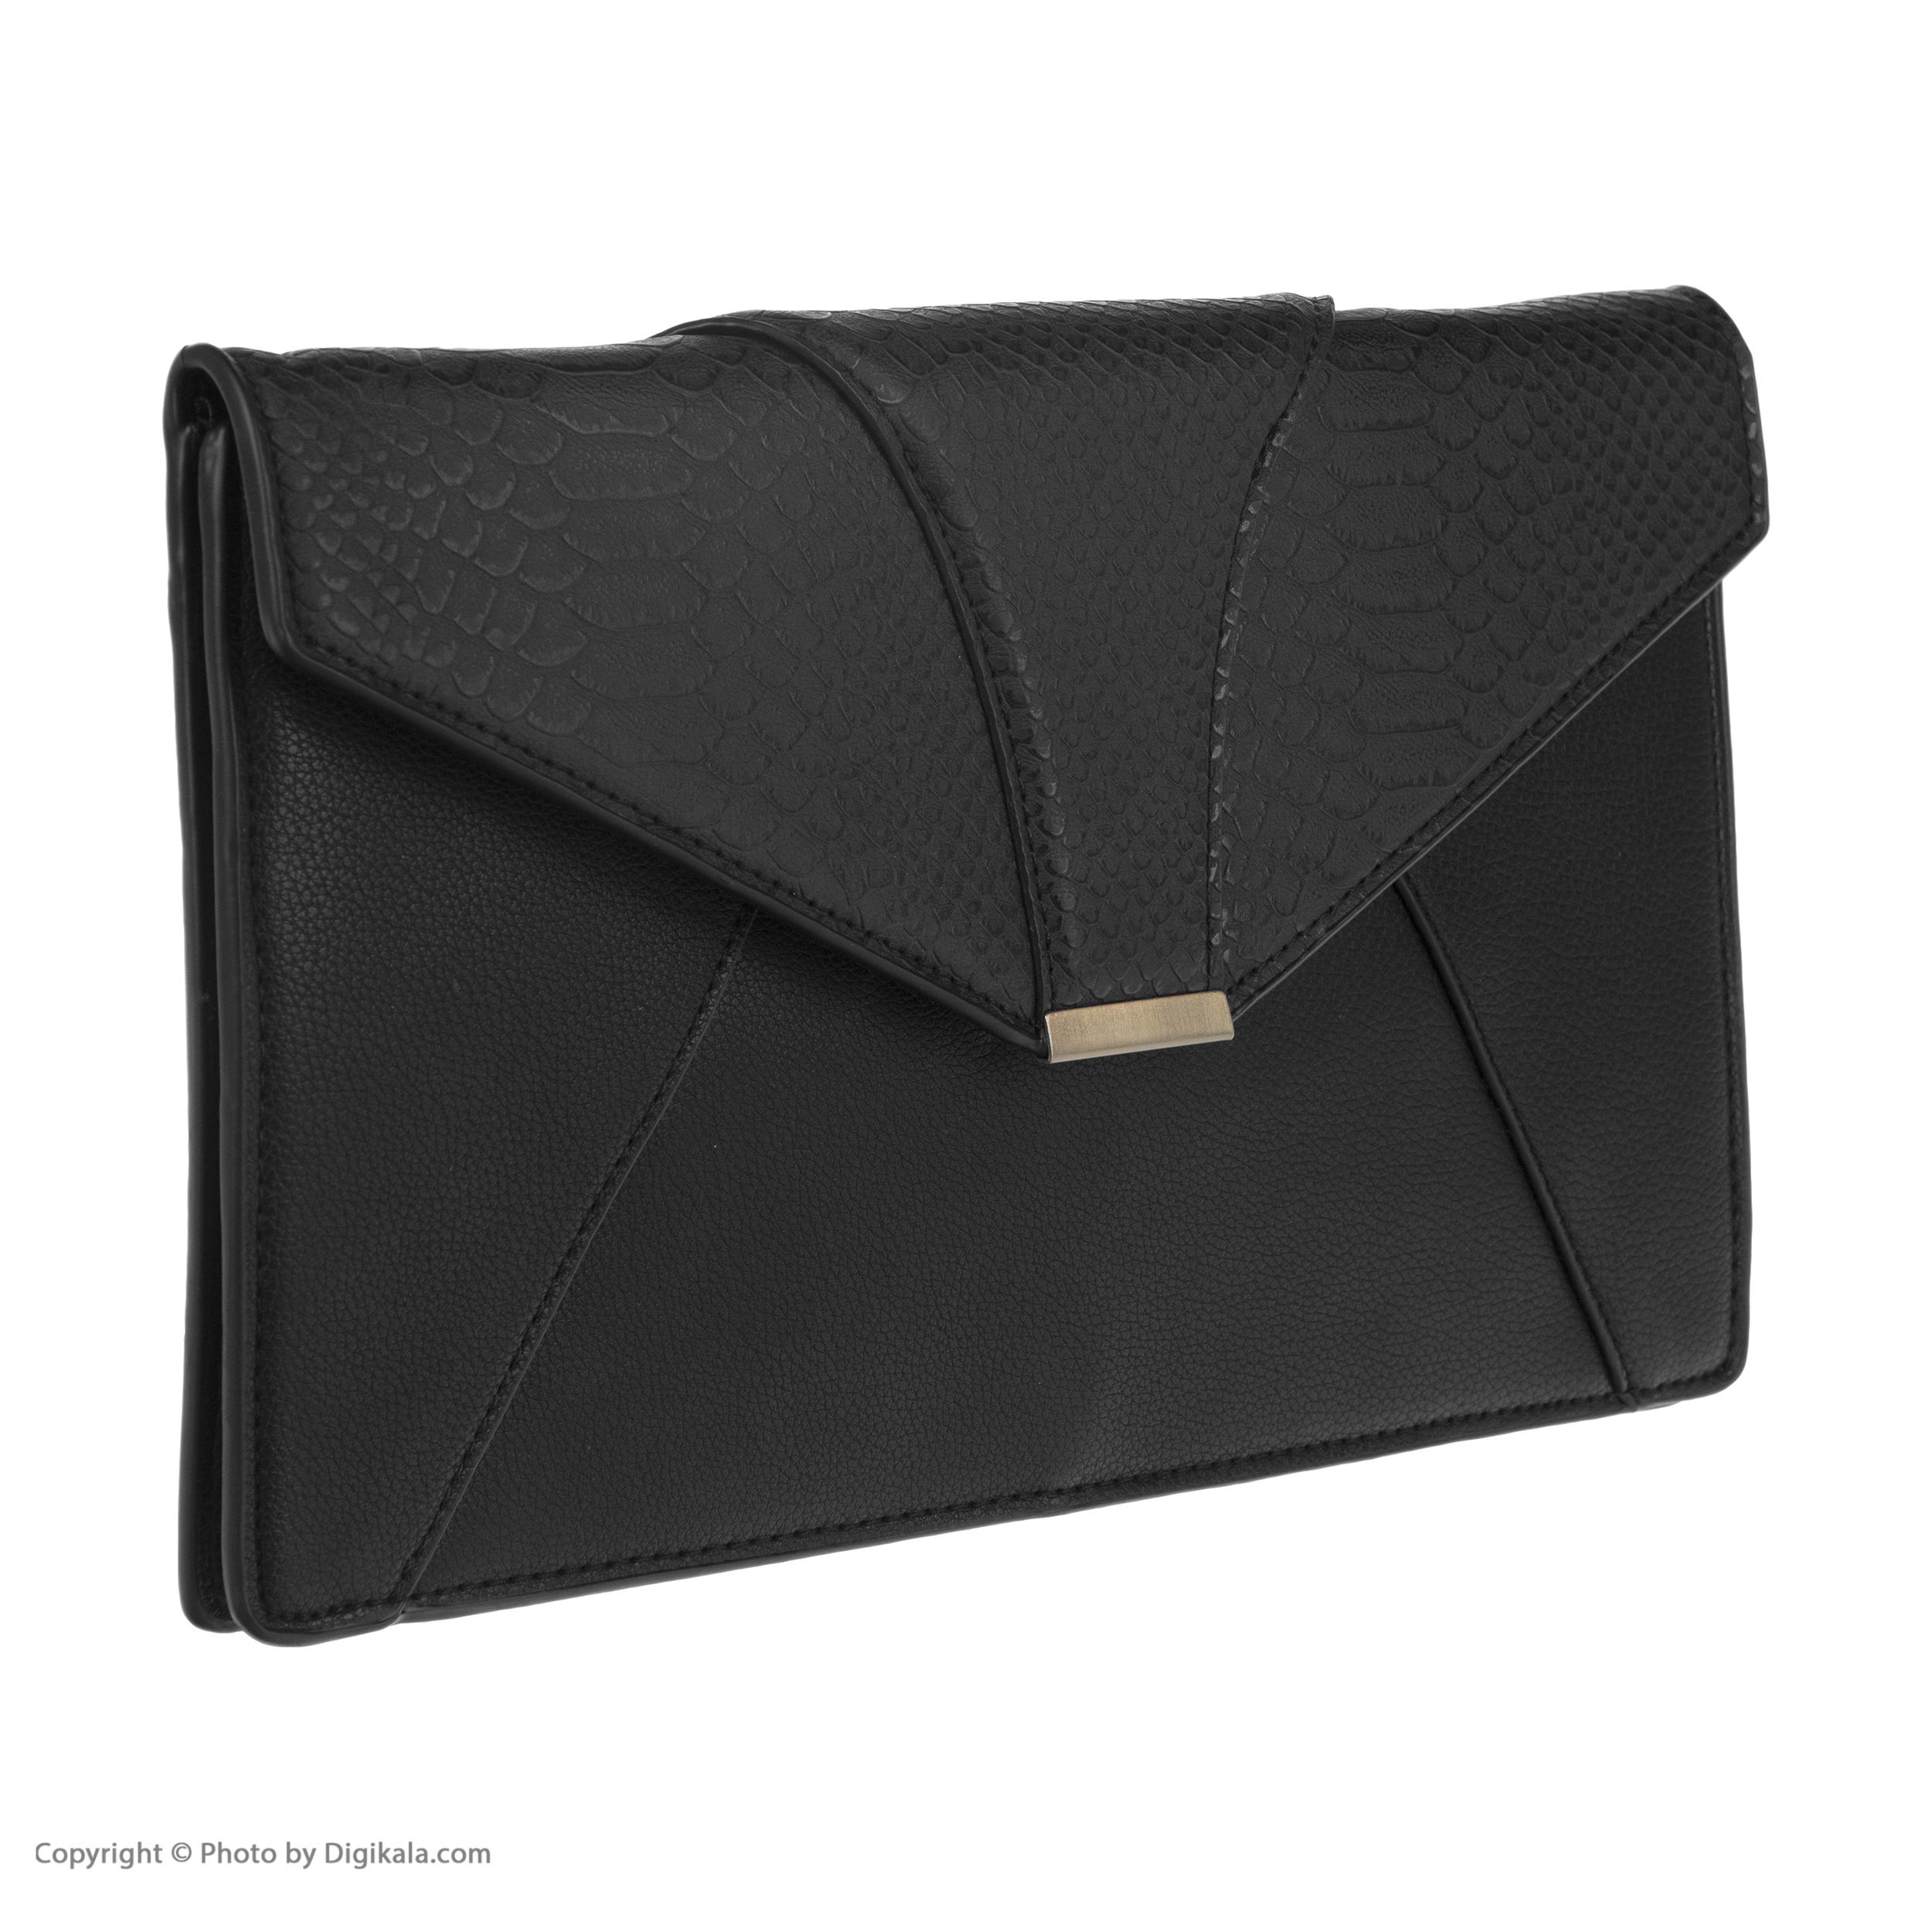 کیف دستی زنانه مانگو مدل 34005667-02